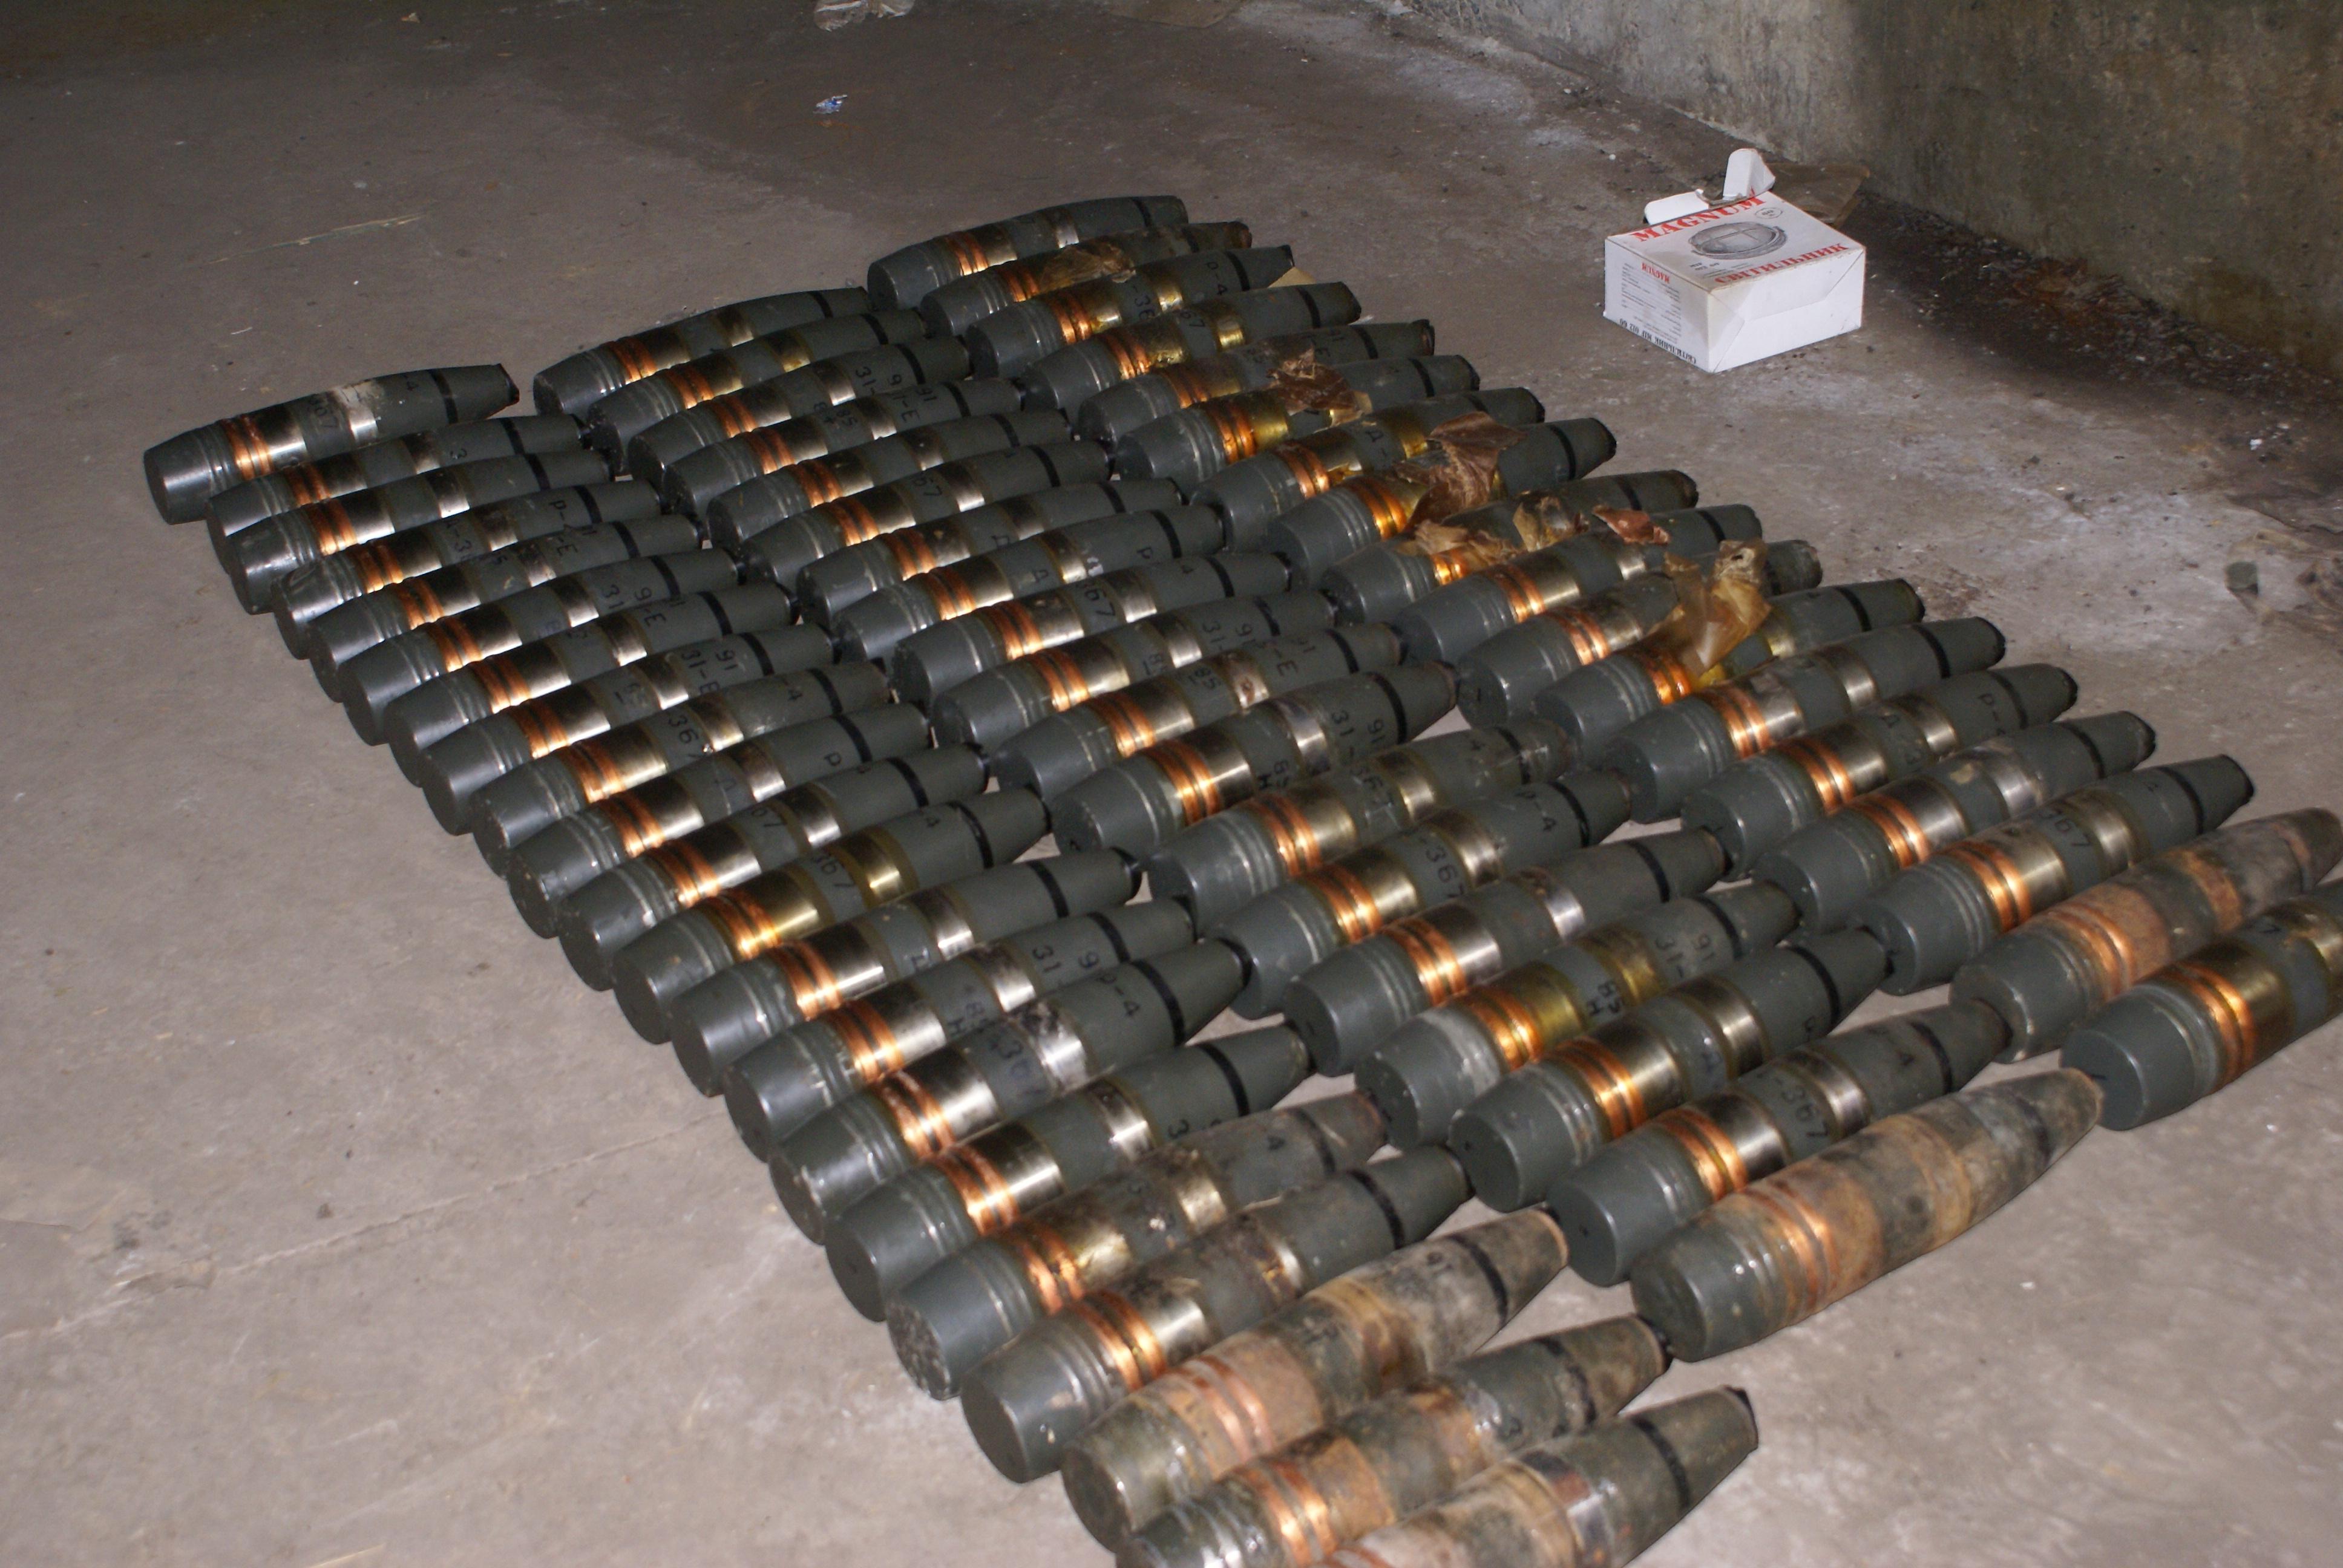 Скандал с обнаруженным арсеналом боеприпасов набирает обороты: в СБУ утверждают, что не видели документов от 37-го батальона